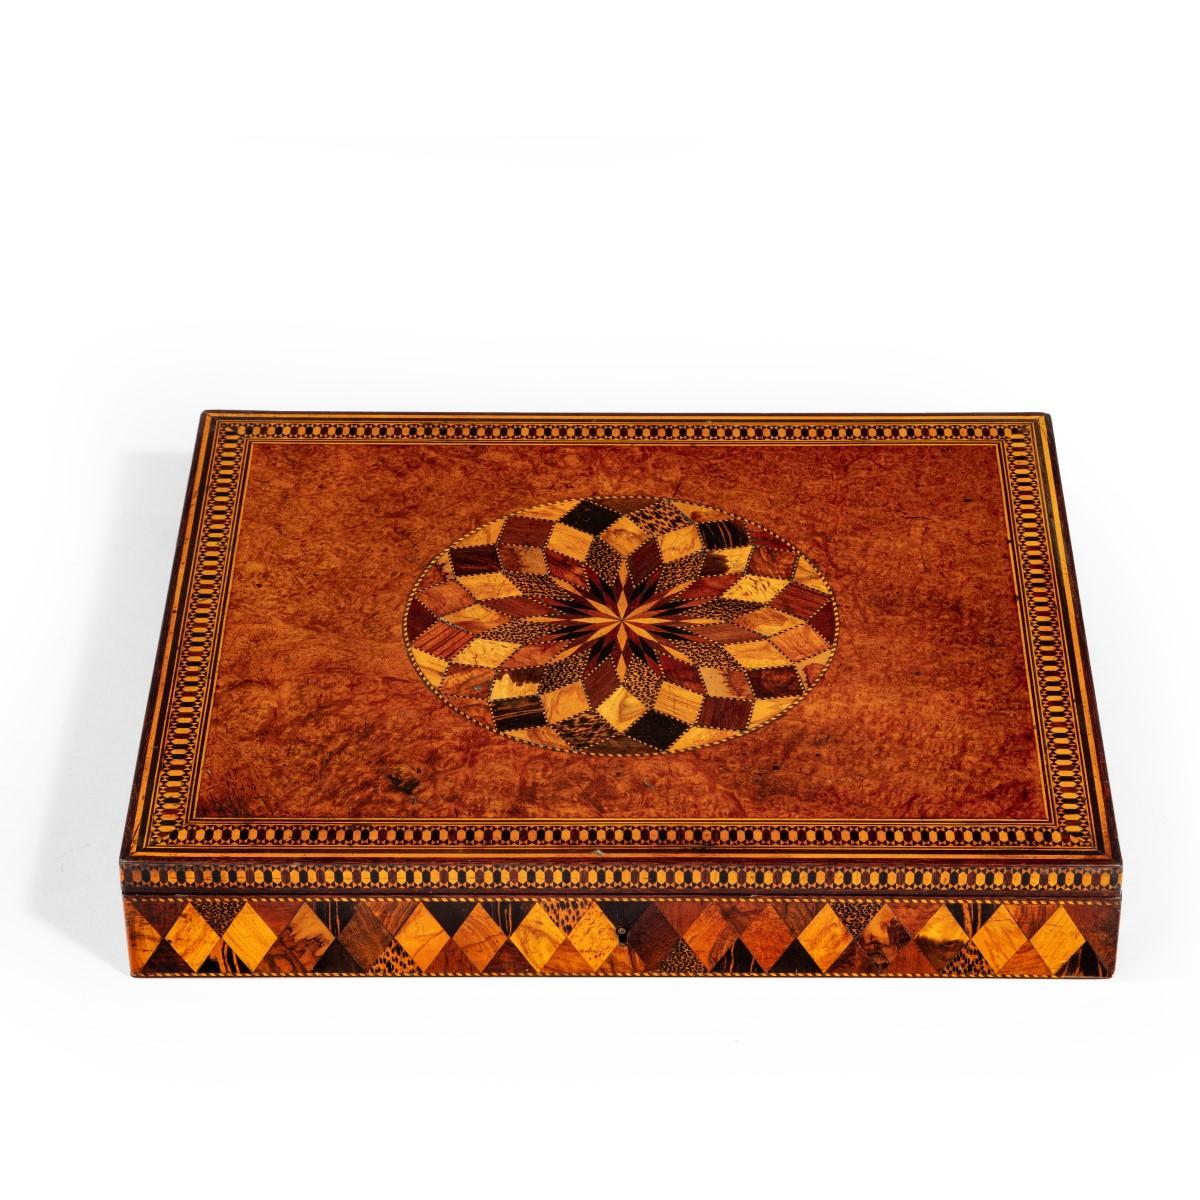 A Victorian Tunbridge-ware parquetry games box,